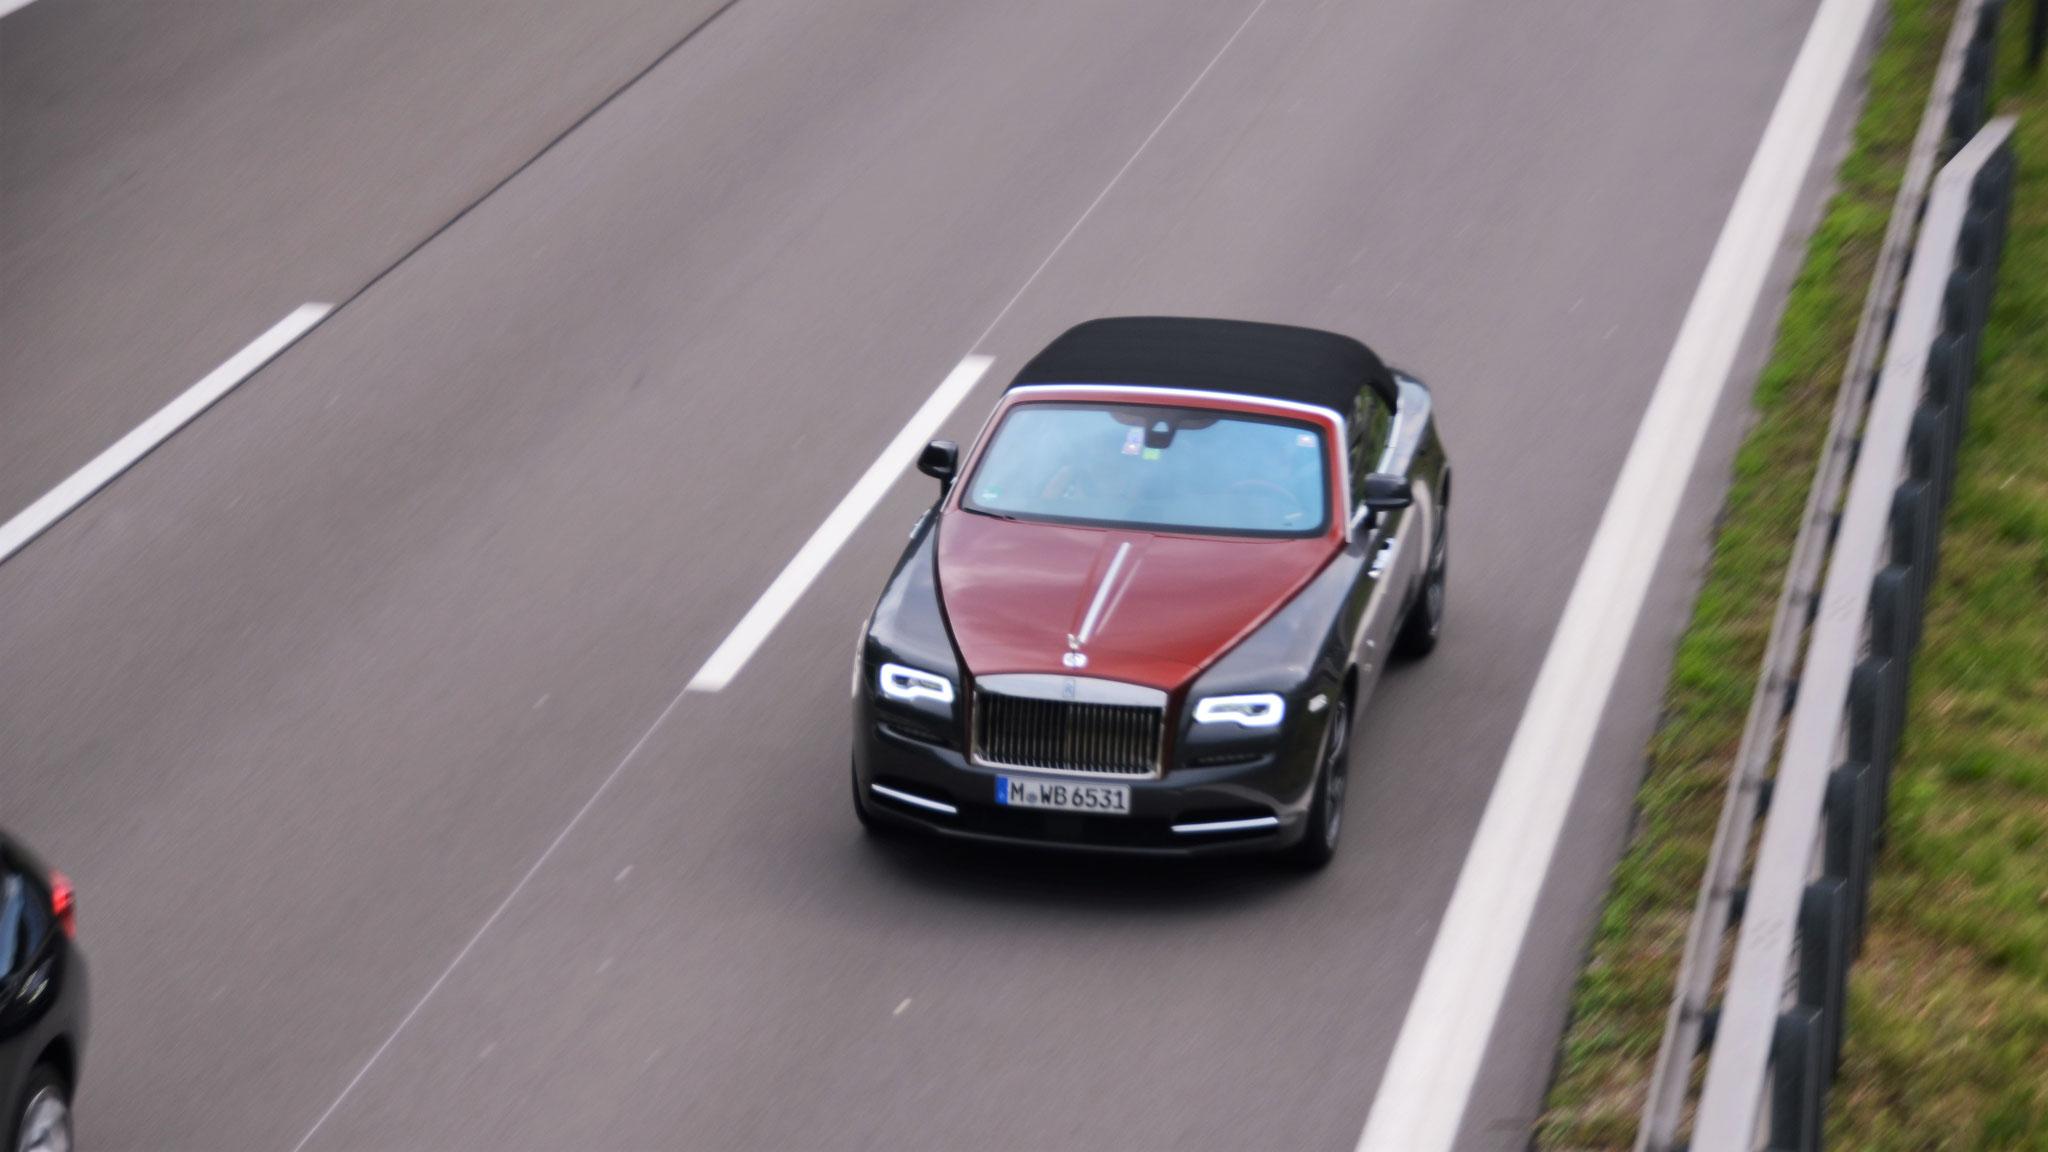 Rolls Royce Dawn - M-WB-6531